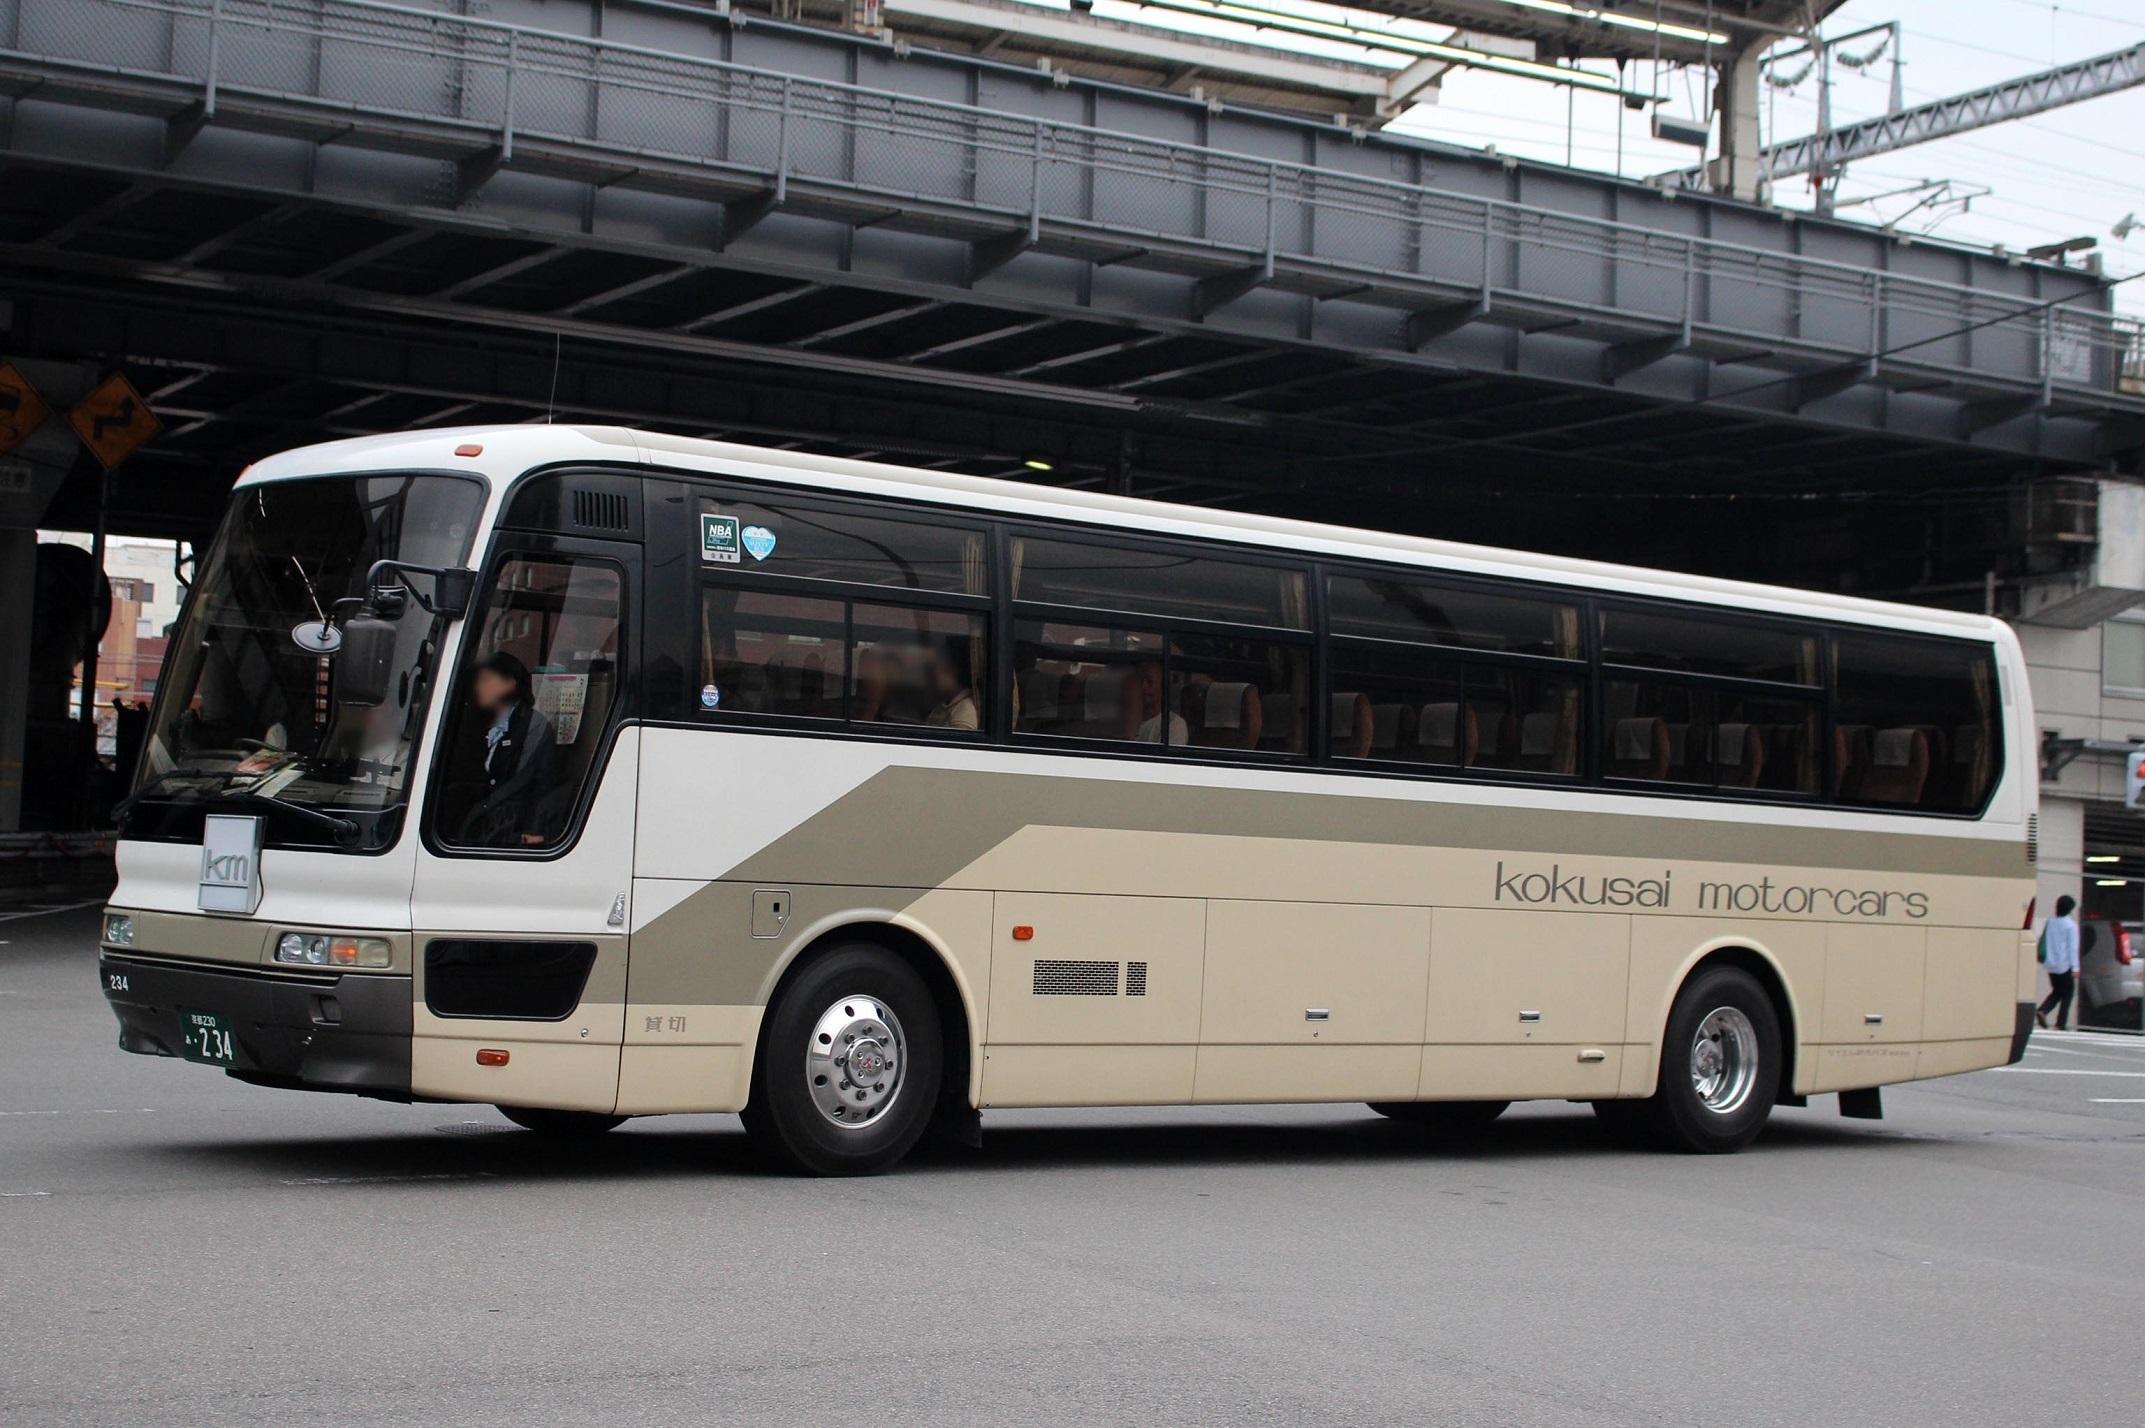 ケイエム観光バス 234